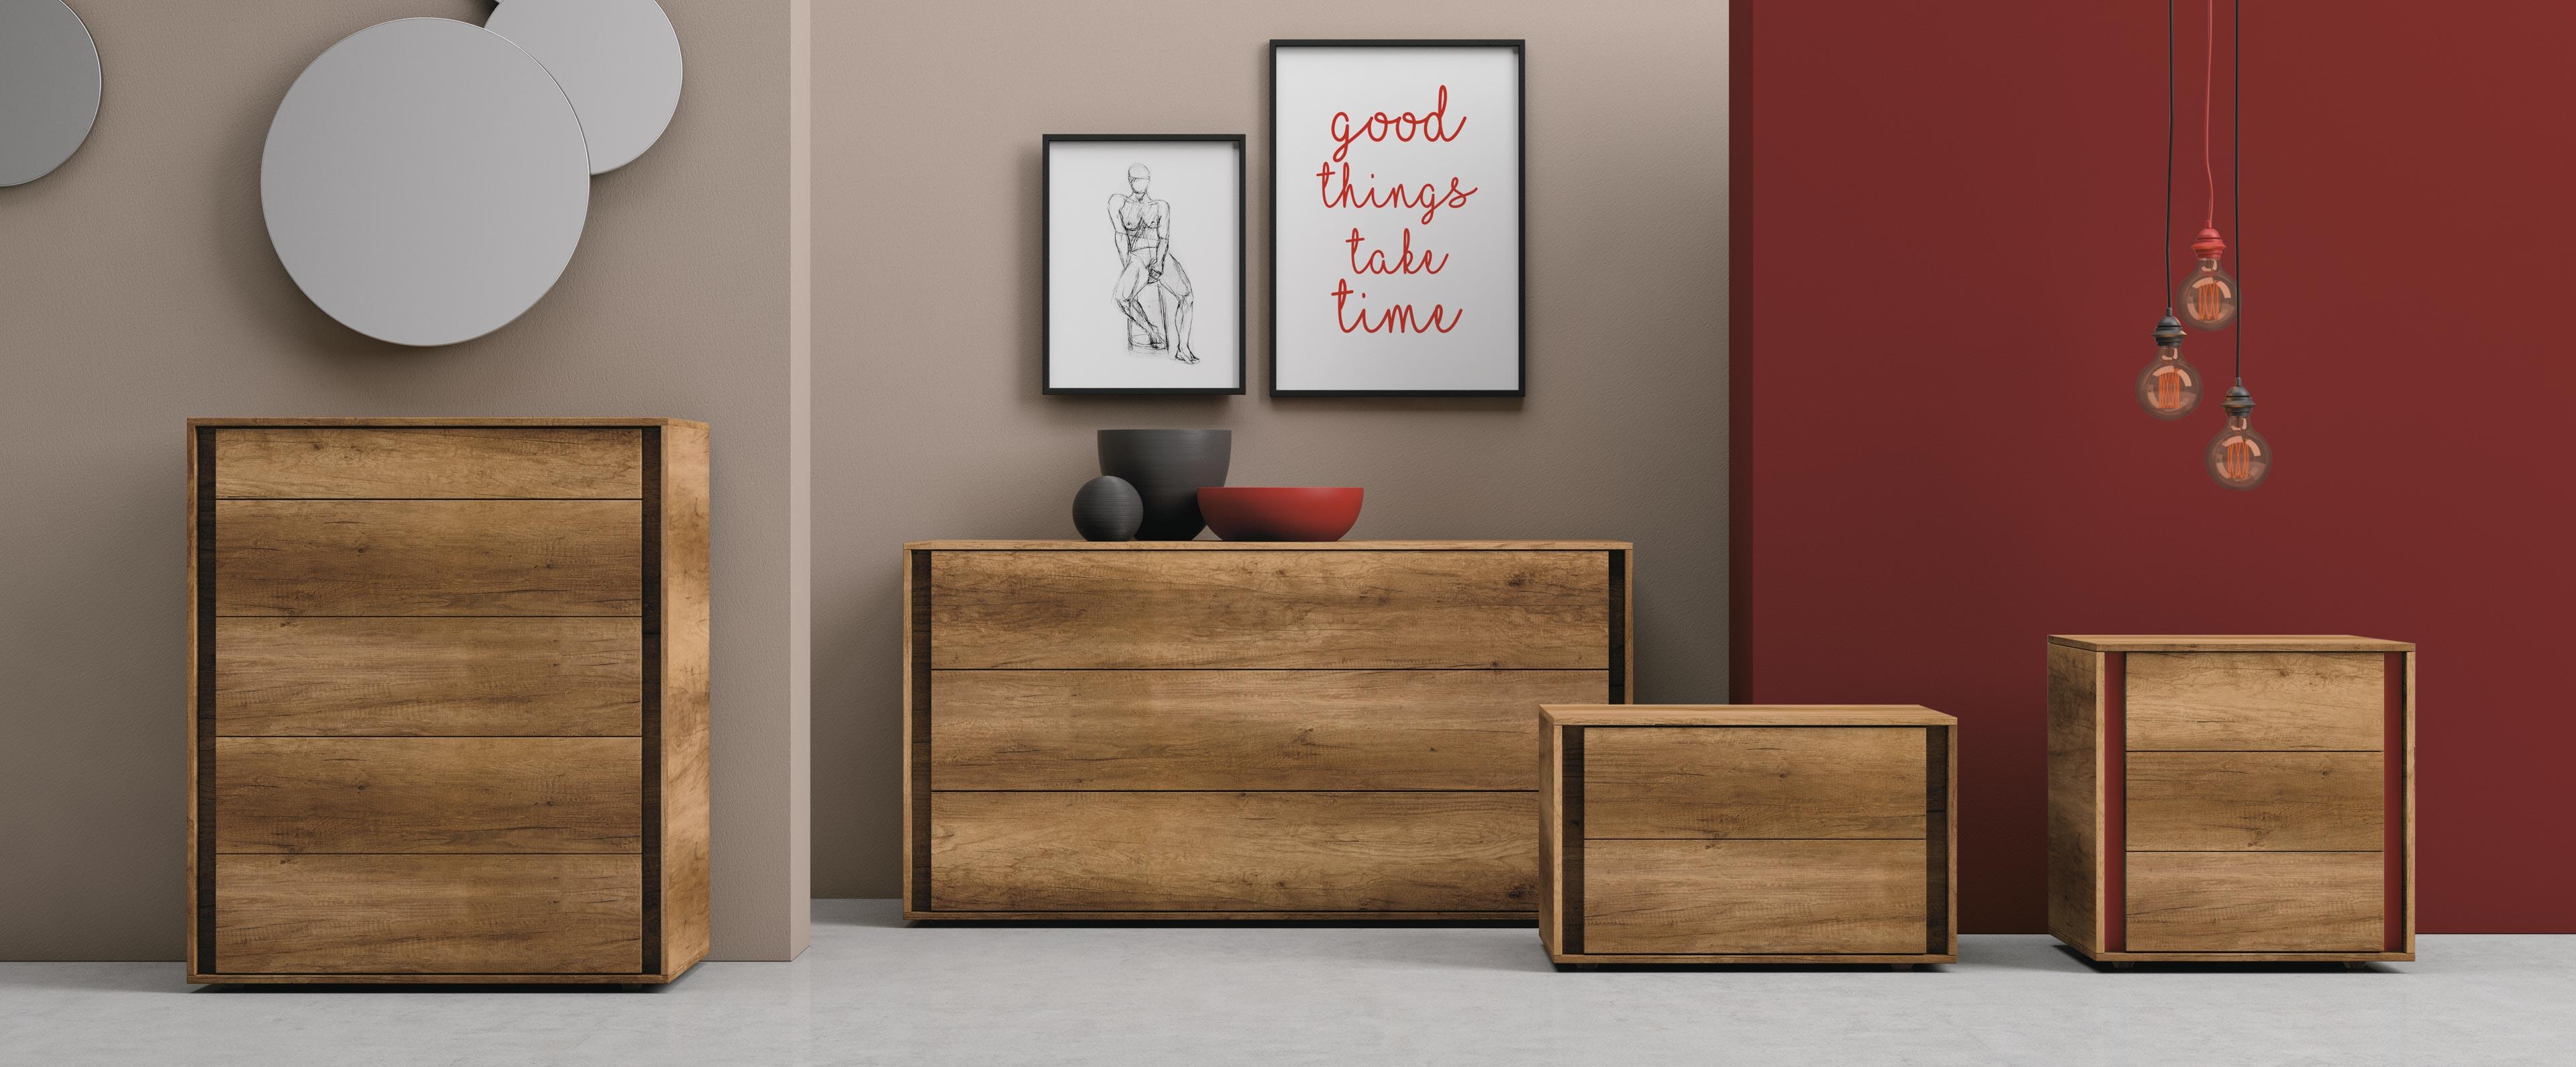 Mobili contenitori per la camera da letto vip franzese for Mobili per la camera